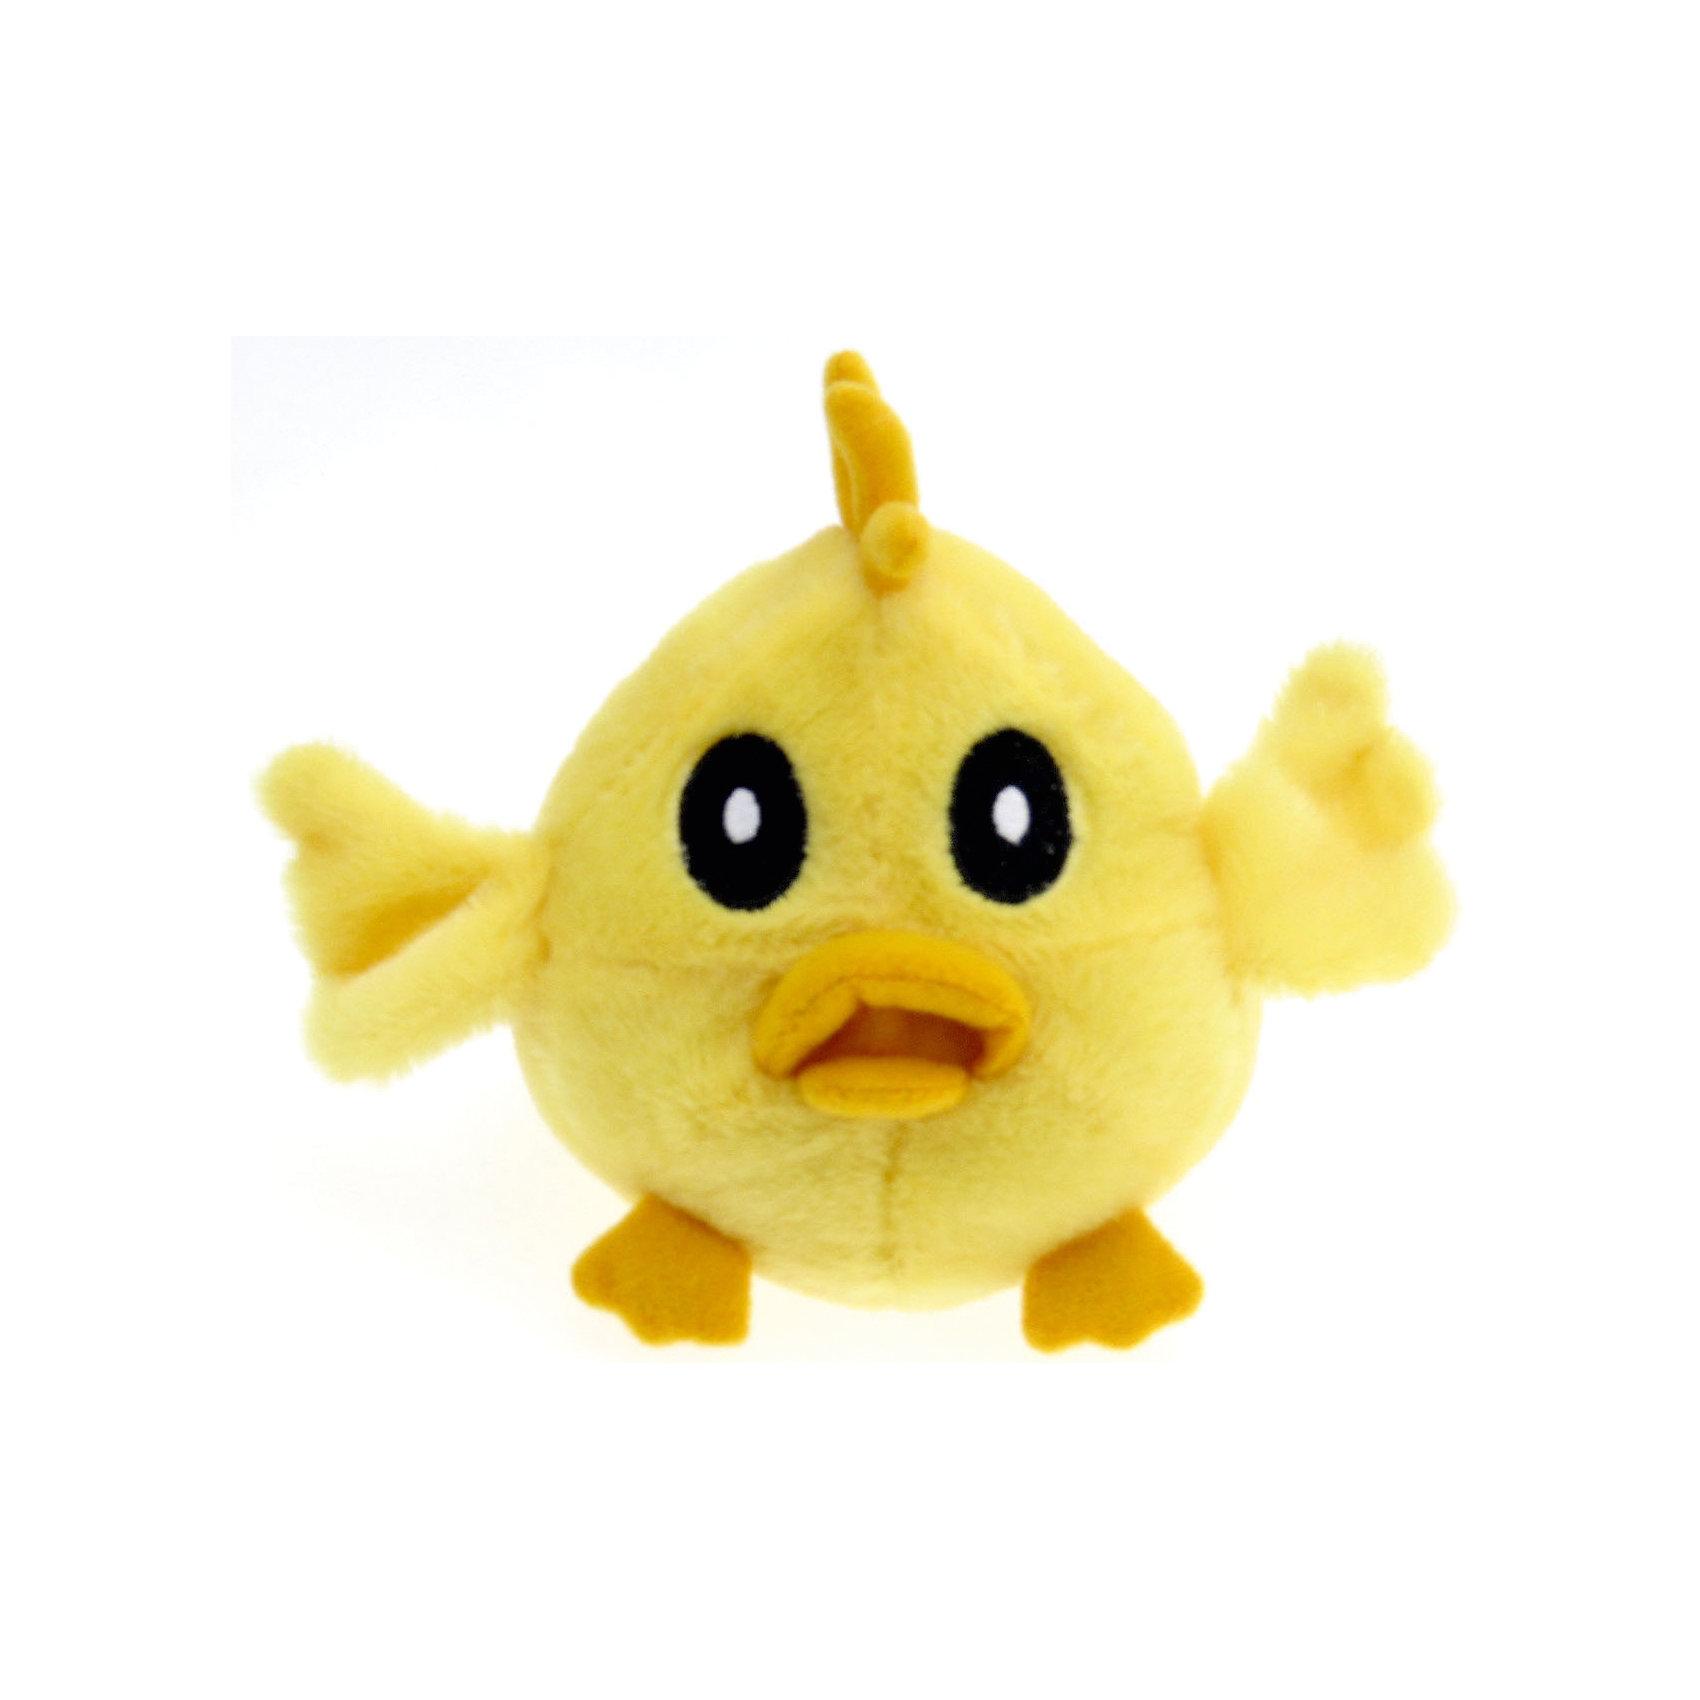 Игрушка Mini Animals Balls Цыпленок, Woody OTimeМягкие игрушки животные<br>Игрушка Mini Animals Balls Цыпленок, Woody OTime.<br><br>Характеристика:<br><br>• Материал: текстиль, плюш.    <br>• Высота игрушки: 12 см.<br>• Звуковые эффекты. <br>• Мягкая, приятная на ощупь.<br><br>Маленький желтый цыпленок обязательно понравится ребятам! Игрушки серии Веселая ферма очень мягкие и приятные на ощупь, выполнены из высококачественных нетоксичных материалов безопасных даже для малышей. Цыпленок имеет большие выразительные глаза, забавный хохолок и весело пищит, если на него нажать. <br><br>Игрушку Mini Animals Balls Цыпленок, Woody OTime, можно купить в нашем интернет-магазине.<br><br>Ширина мм: 130<br>Глубина мм: 90<br>Высота мм: 70<br>Вес г: 50<br>Возраст от месяцев: 36<br>Возраст до месяцев: 180<br>Пол: Унисекс<br>Возраст: Детский<br>SKU: 4863896